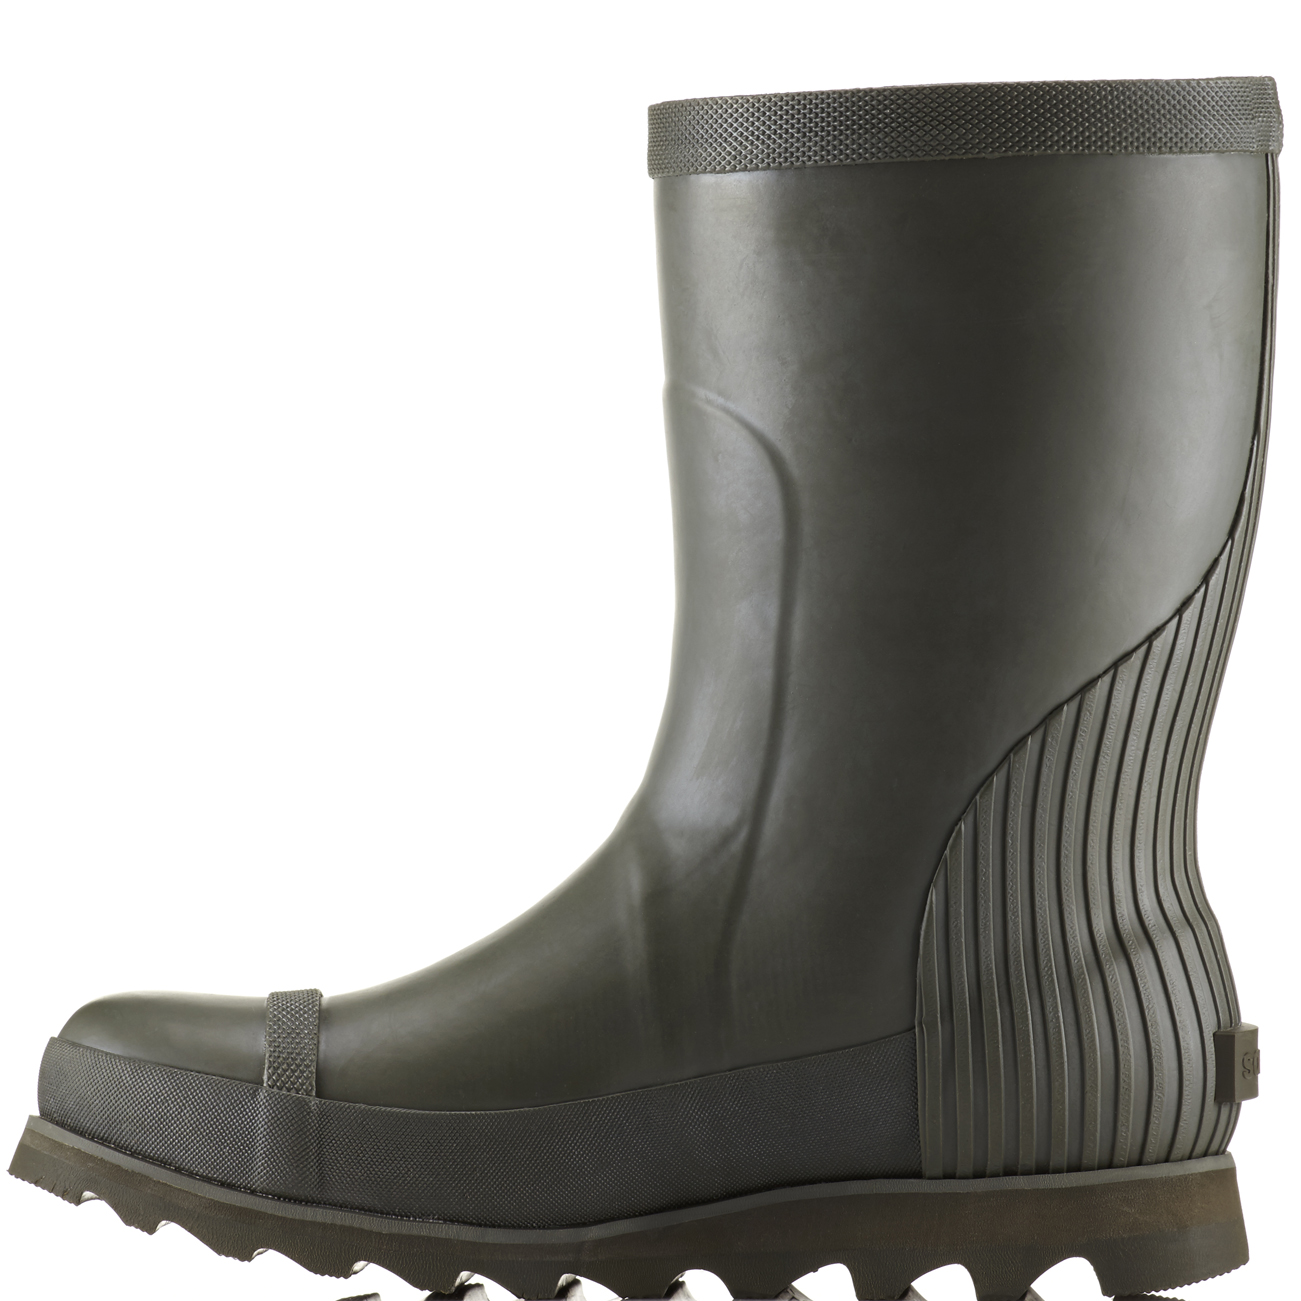 Damenschuhe Short Sorel Joan Rain Short Damenschuhe Winter Rain Snow Rubber Wellingtons Stiefel UK 3-9 d9dd02